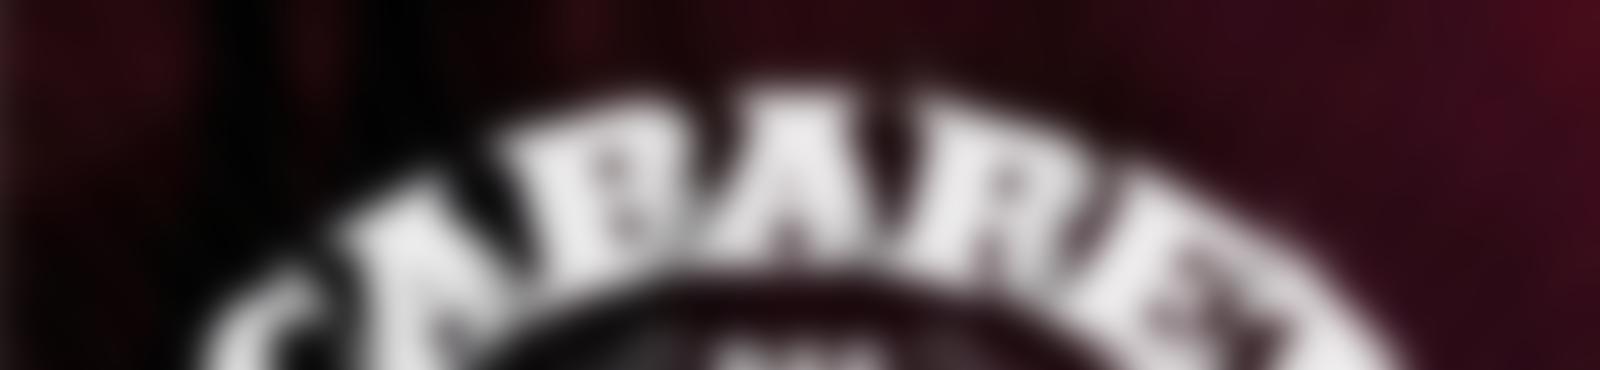 Blurred af1d7bc0 0355 476b 8df8 34bdb79e0a33